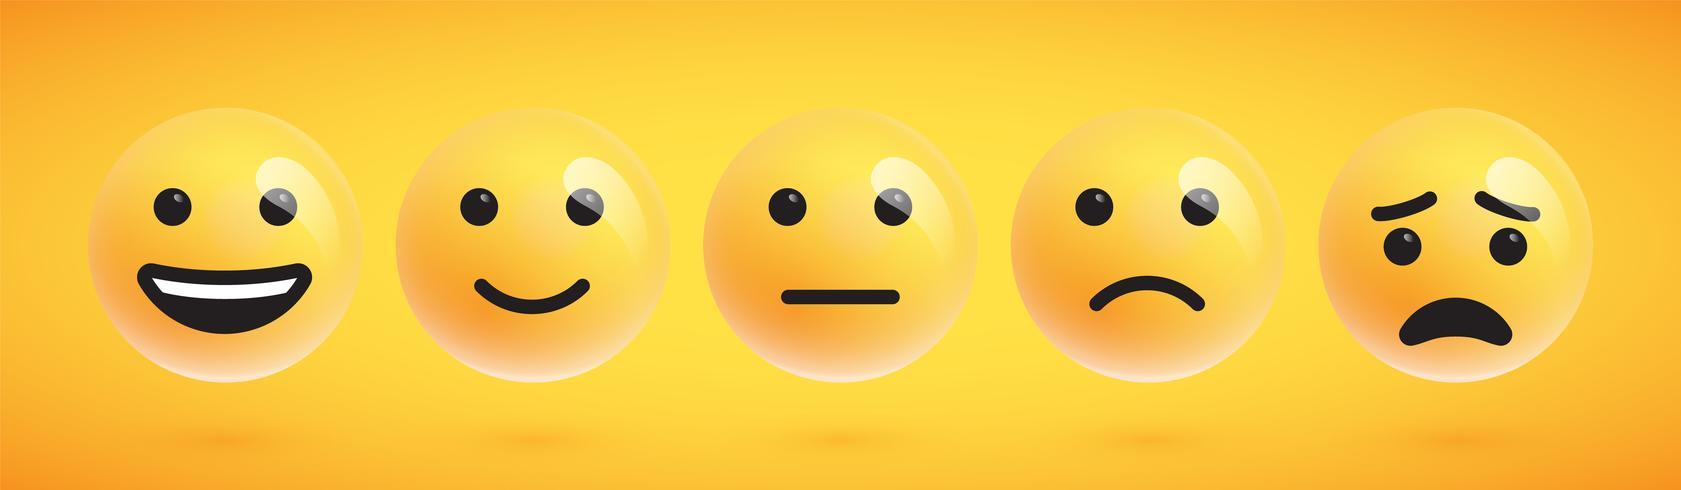 Cinque emoticon ad alta dettagliata carina per il web, illustrazione vettoriale